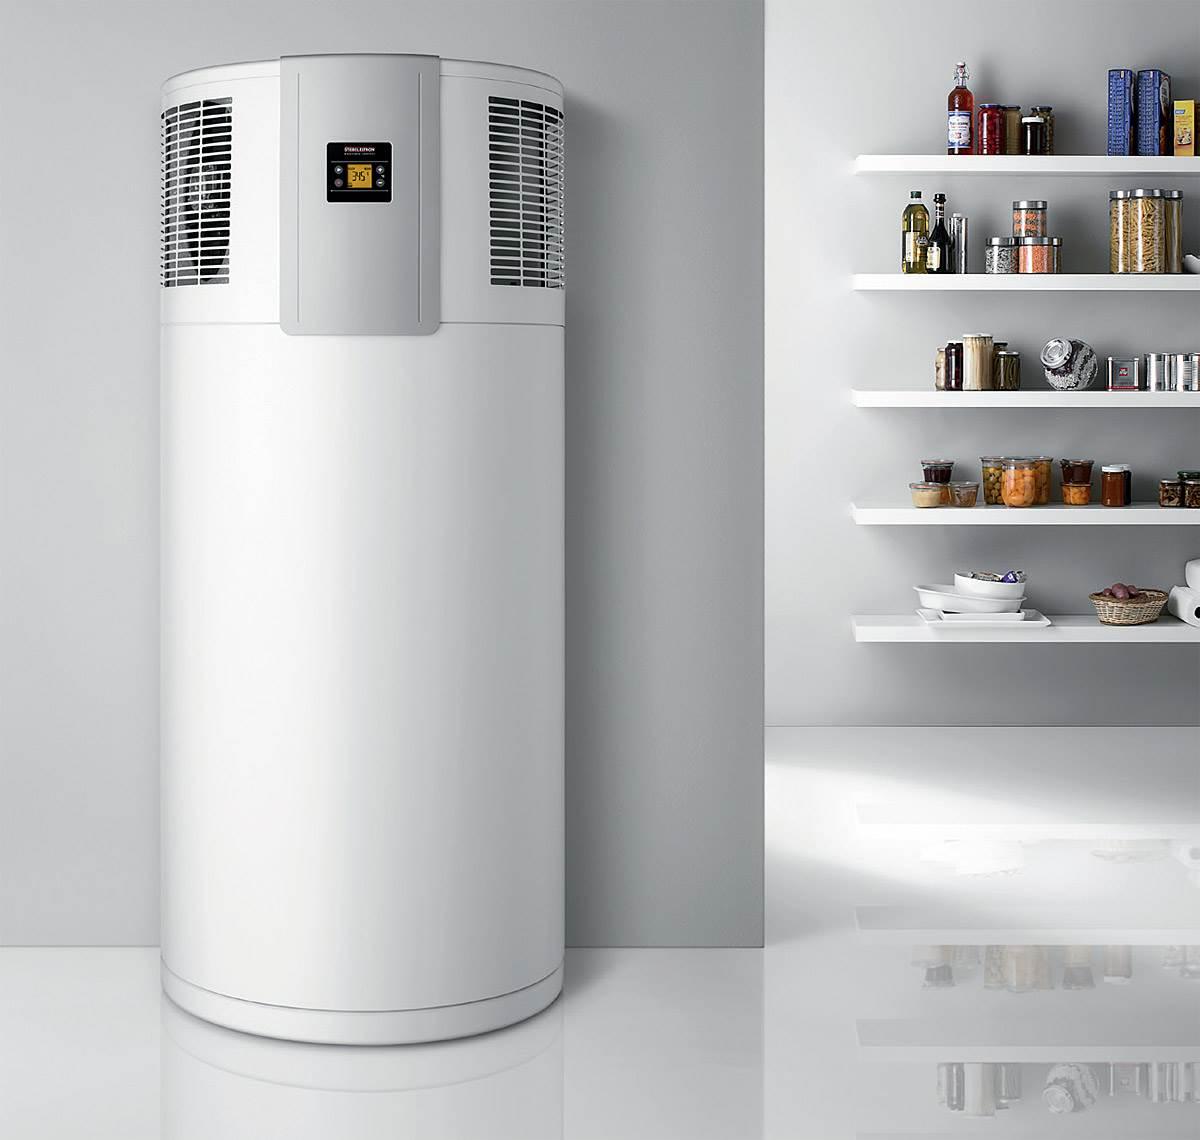 """FOT. 2. Kompaktowe pompy ciepła swoim wyglądem przypominają pozostałe sprzęty gospodarstwa domowego. Nie musimy ich więc """"chować"""" w pomieszczeniu gospodarczym czy kotłowni. Fot.: Stiebel Eltron"""